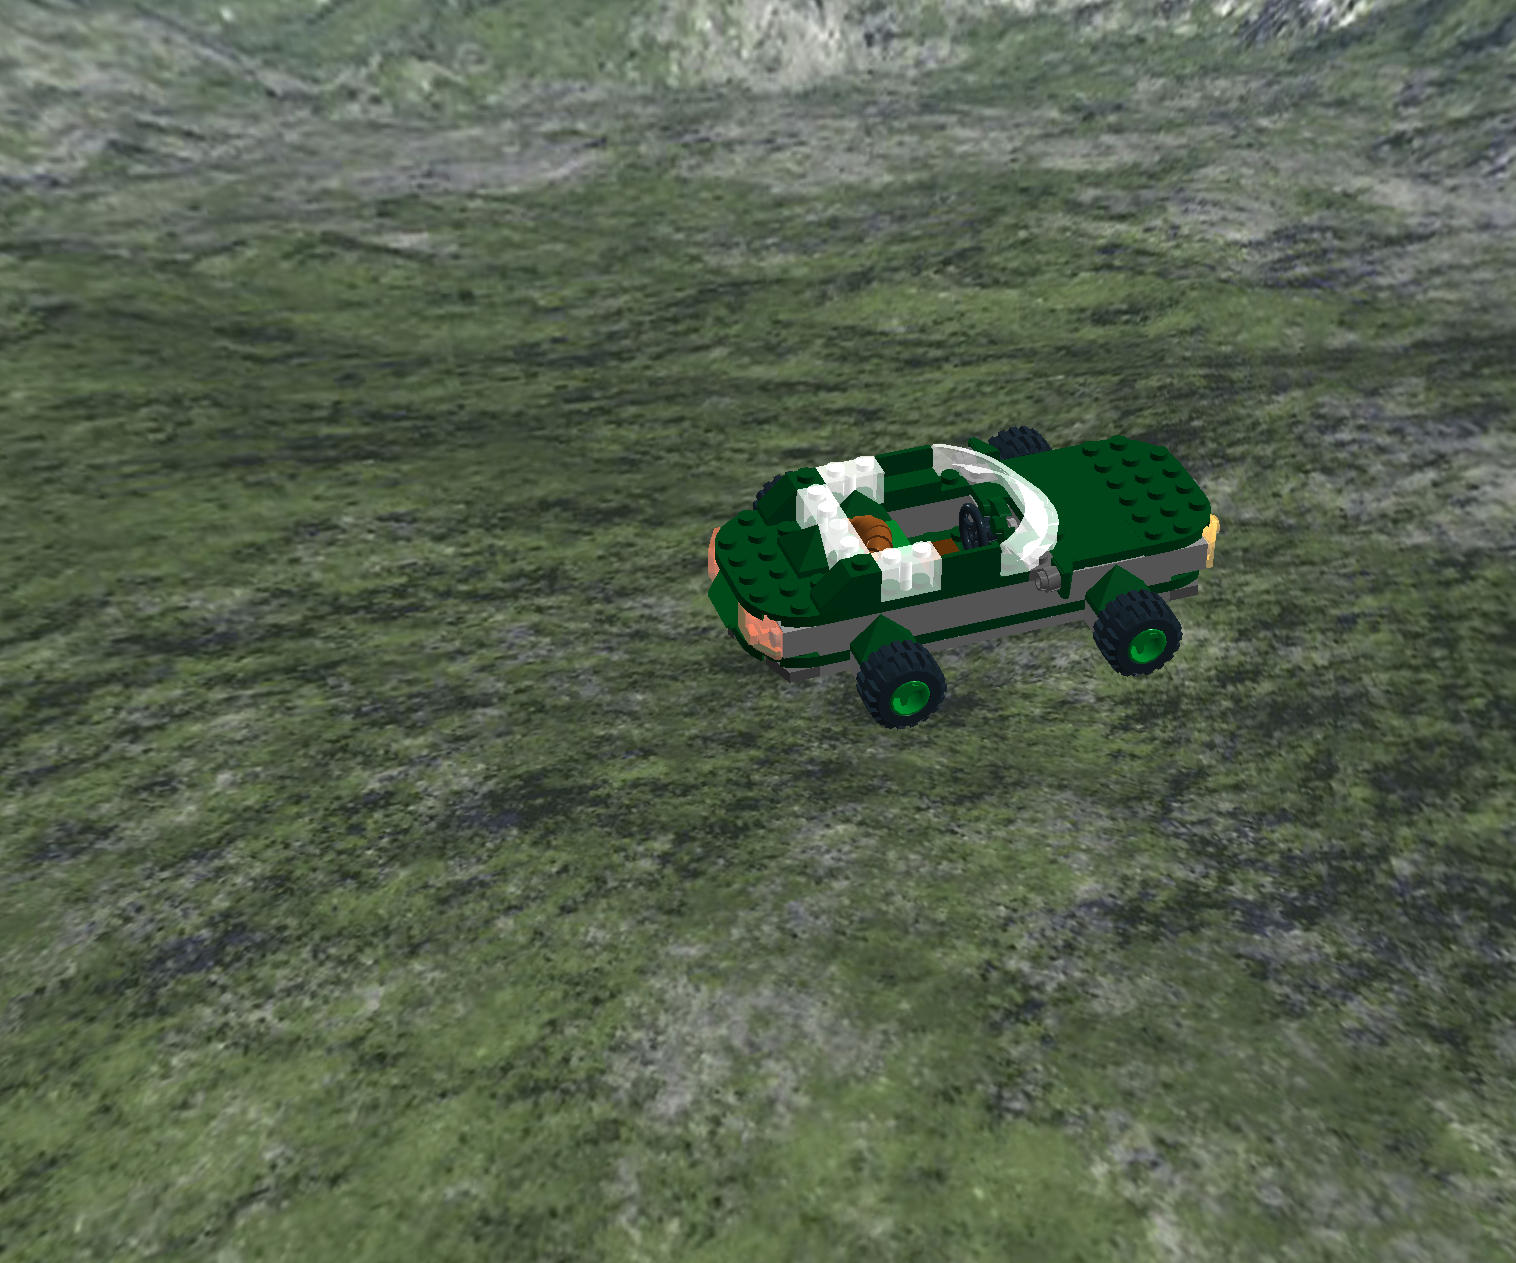 Lego Green Car